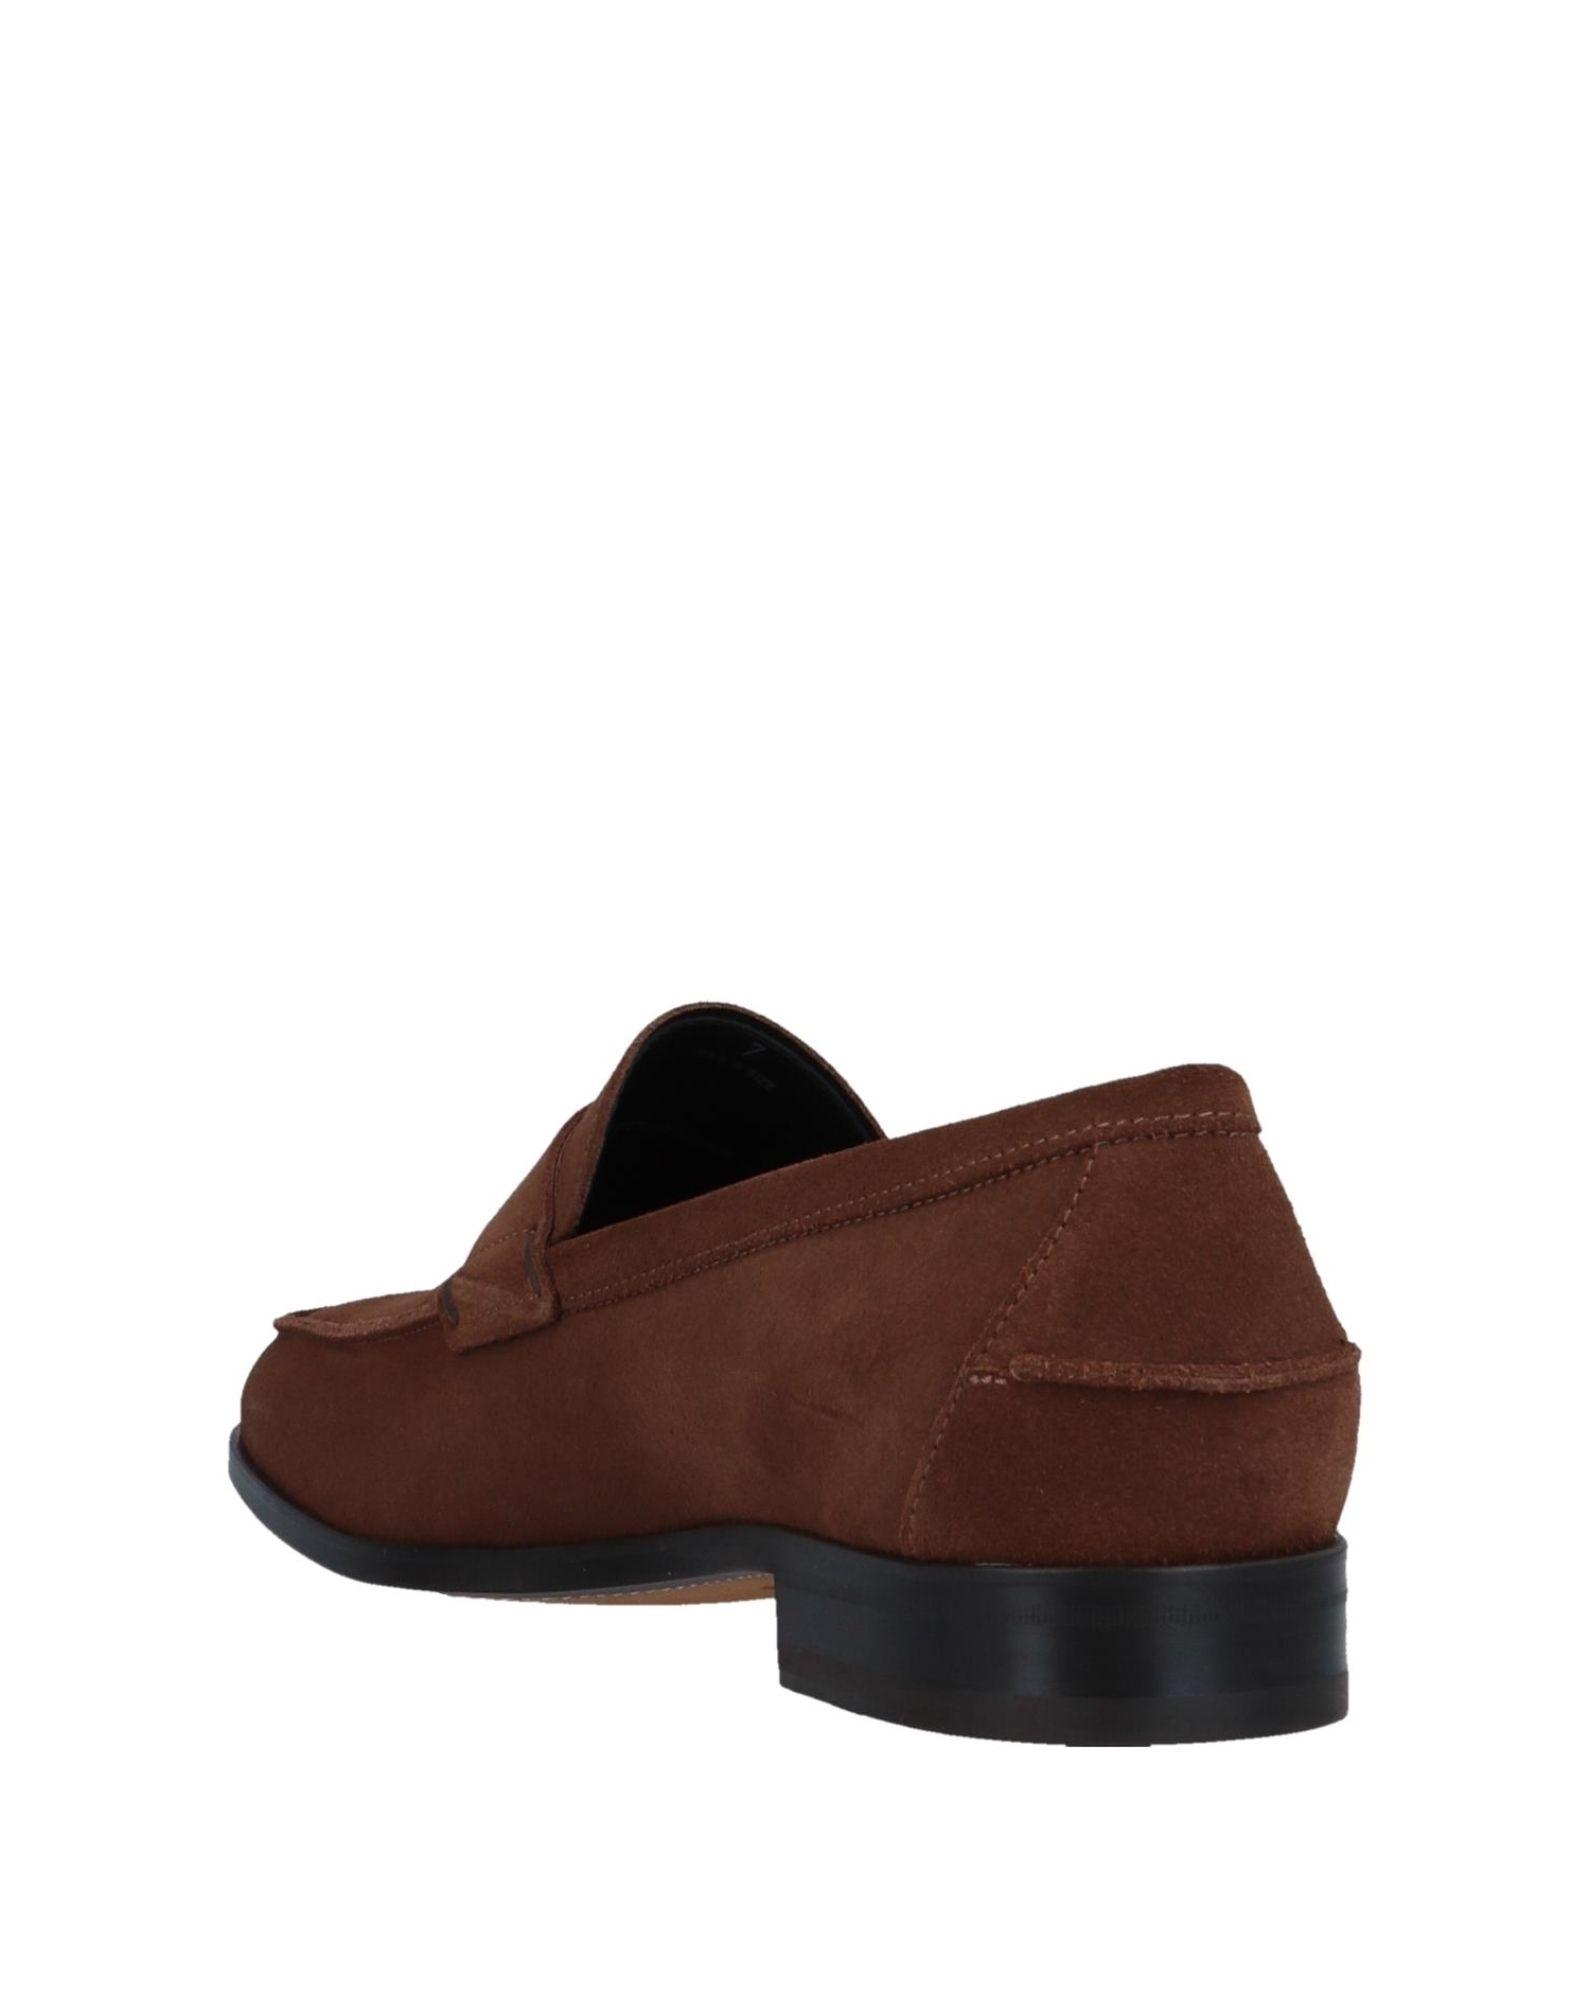 Tod's Mokassins Herren Qualität  11556923SQ Gute Qualität Herren beliebte Schuhe 2daa47